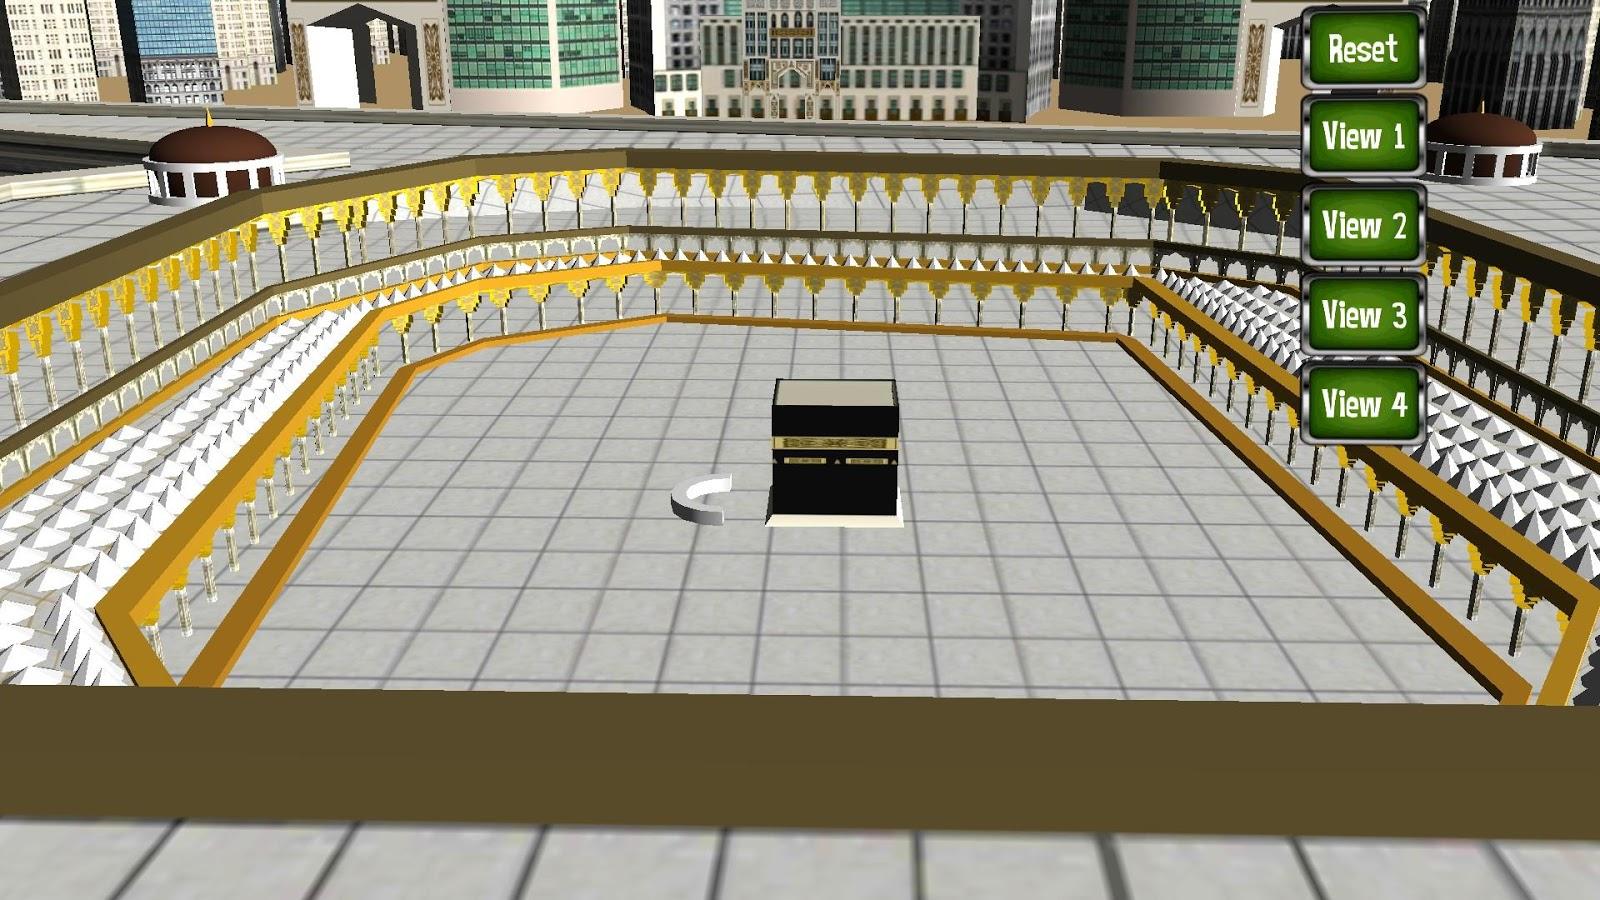 Mecca 3D (Makkah Virtual Tour) - Content - ClassConnect